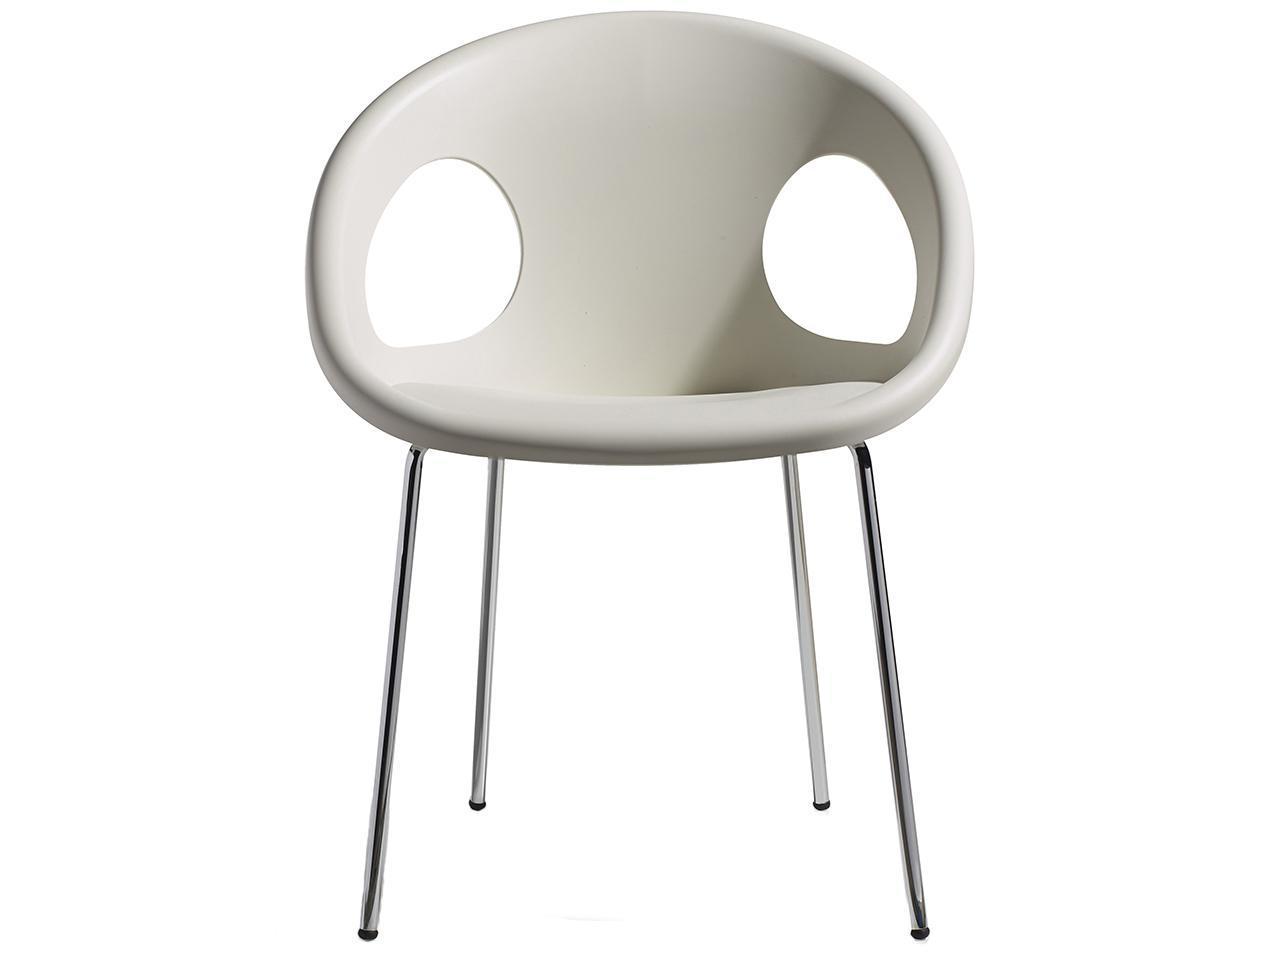 Кресло пластиковое Drop 4 legs chromed frame